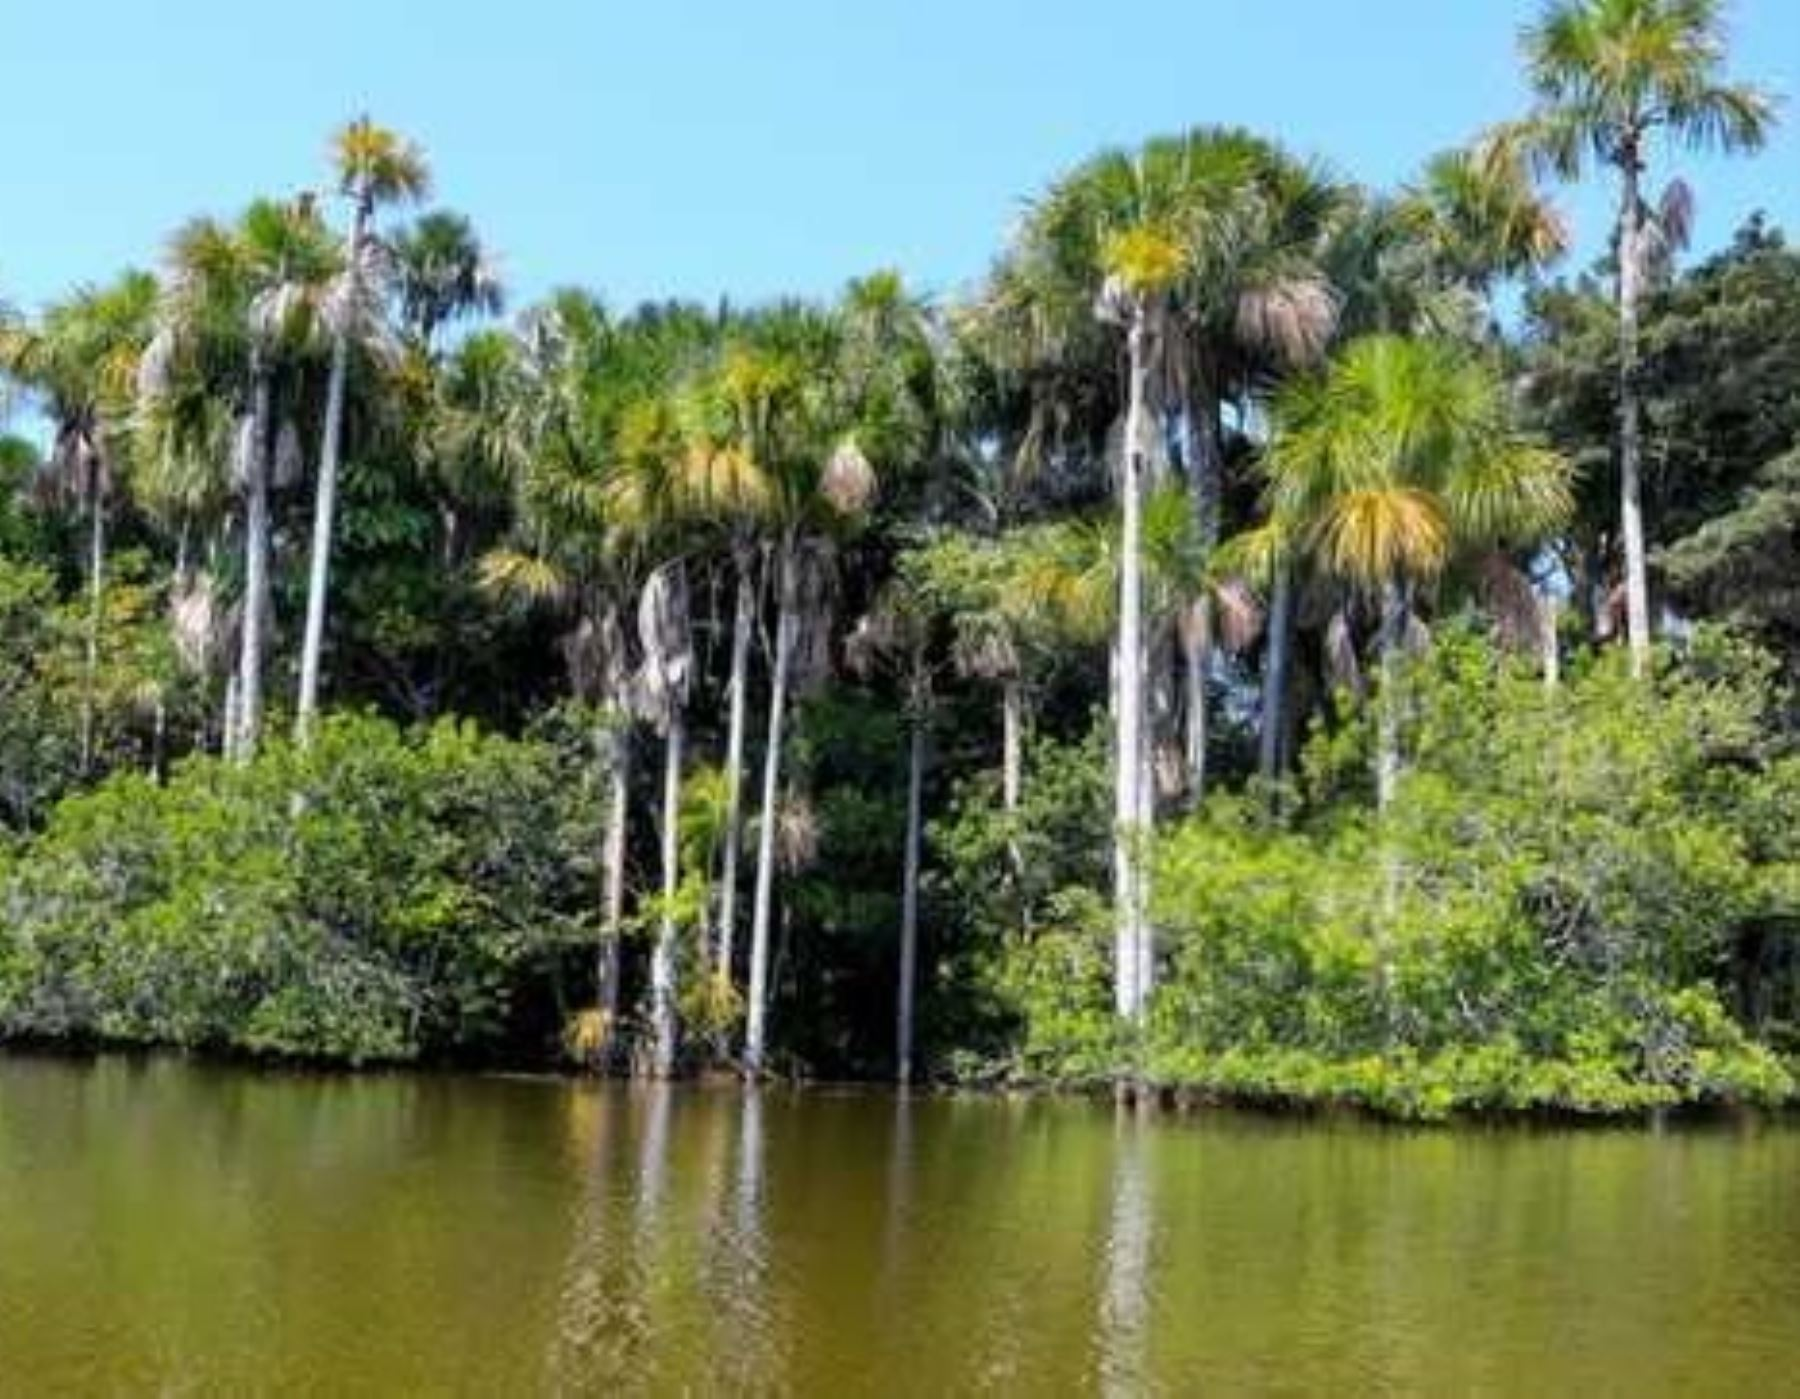 El Minam afirma que la conservación ambiental es clave para asegurar el bienestar de la población. ANDINA/Difusión